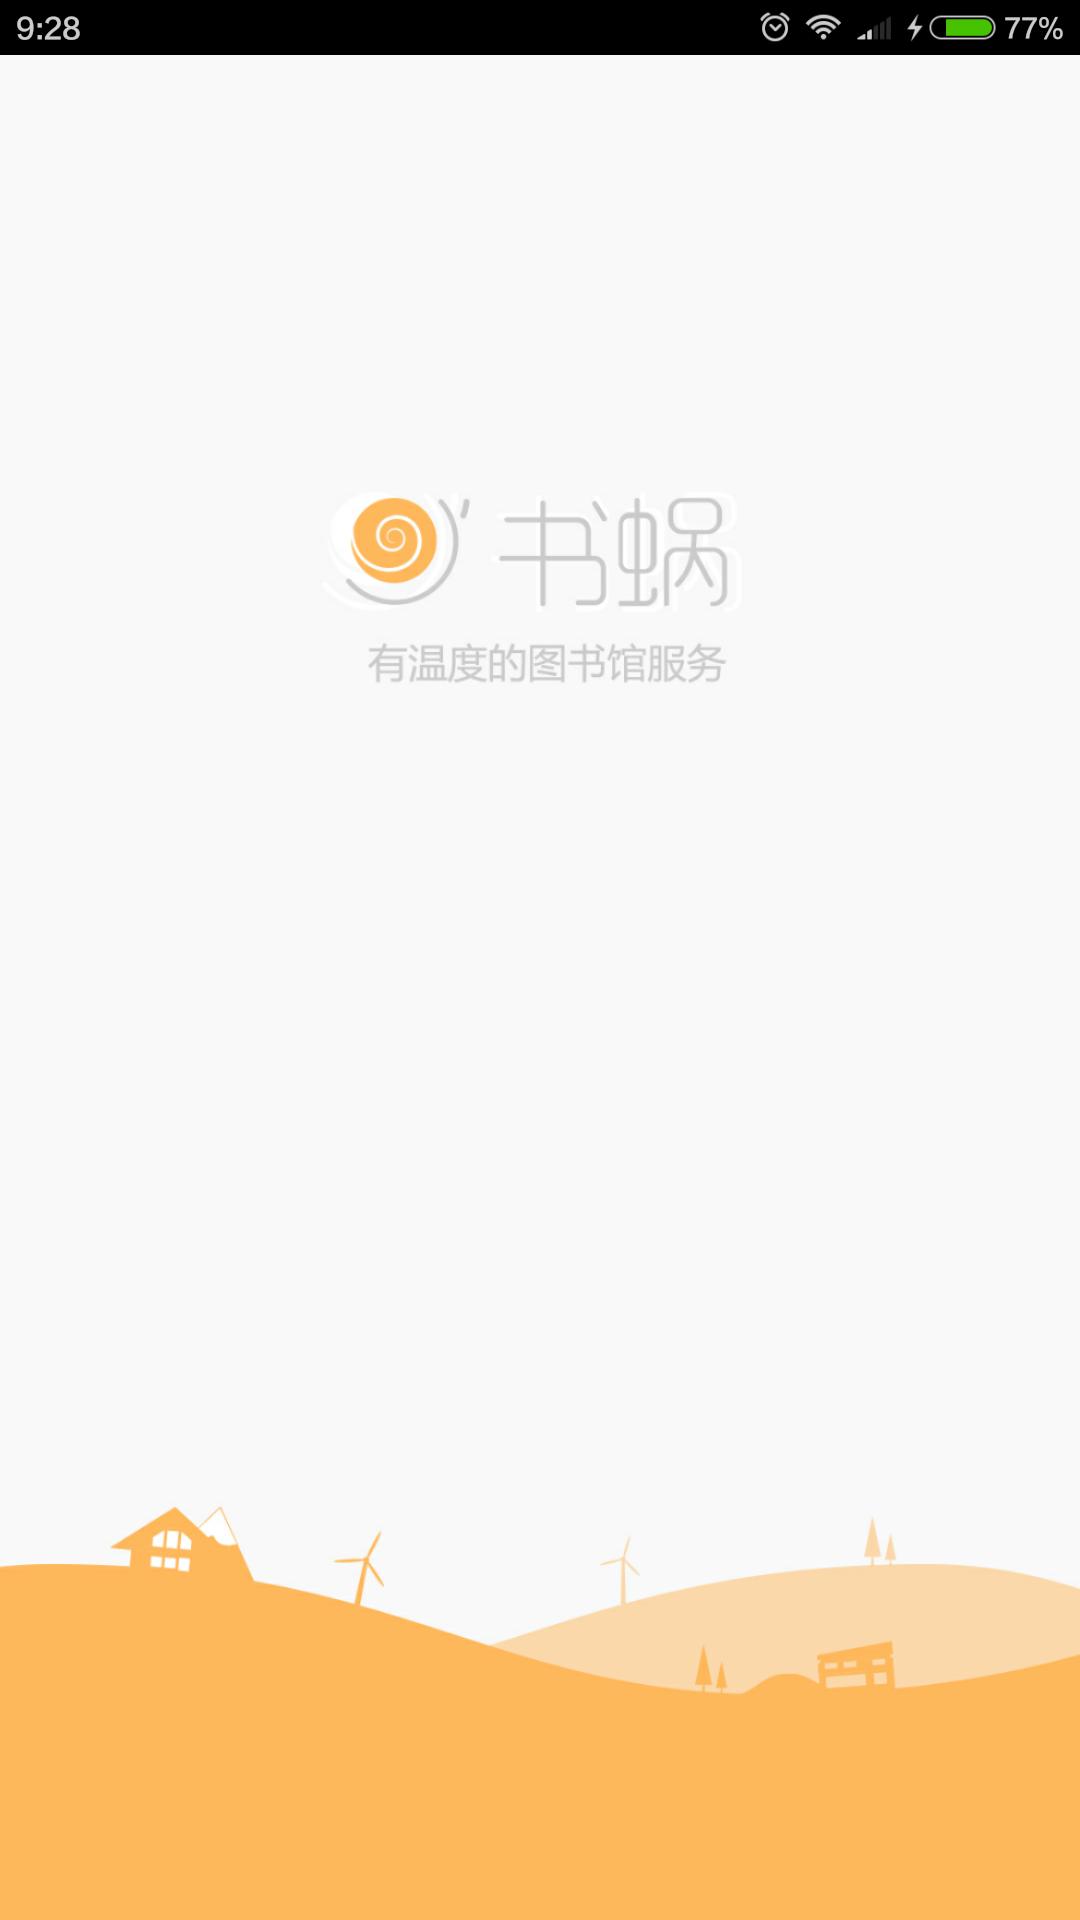 书蜗 V2.5.8 安卓版截图1